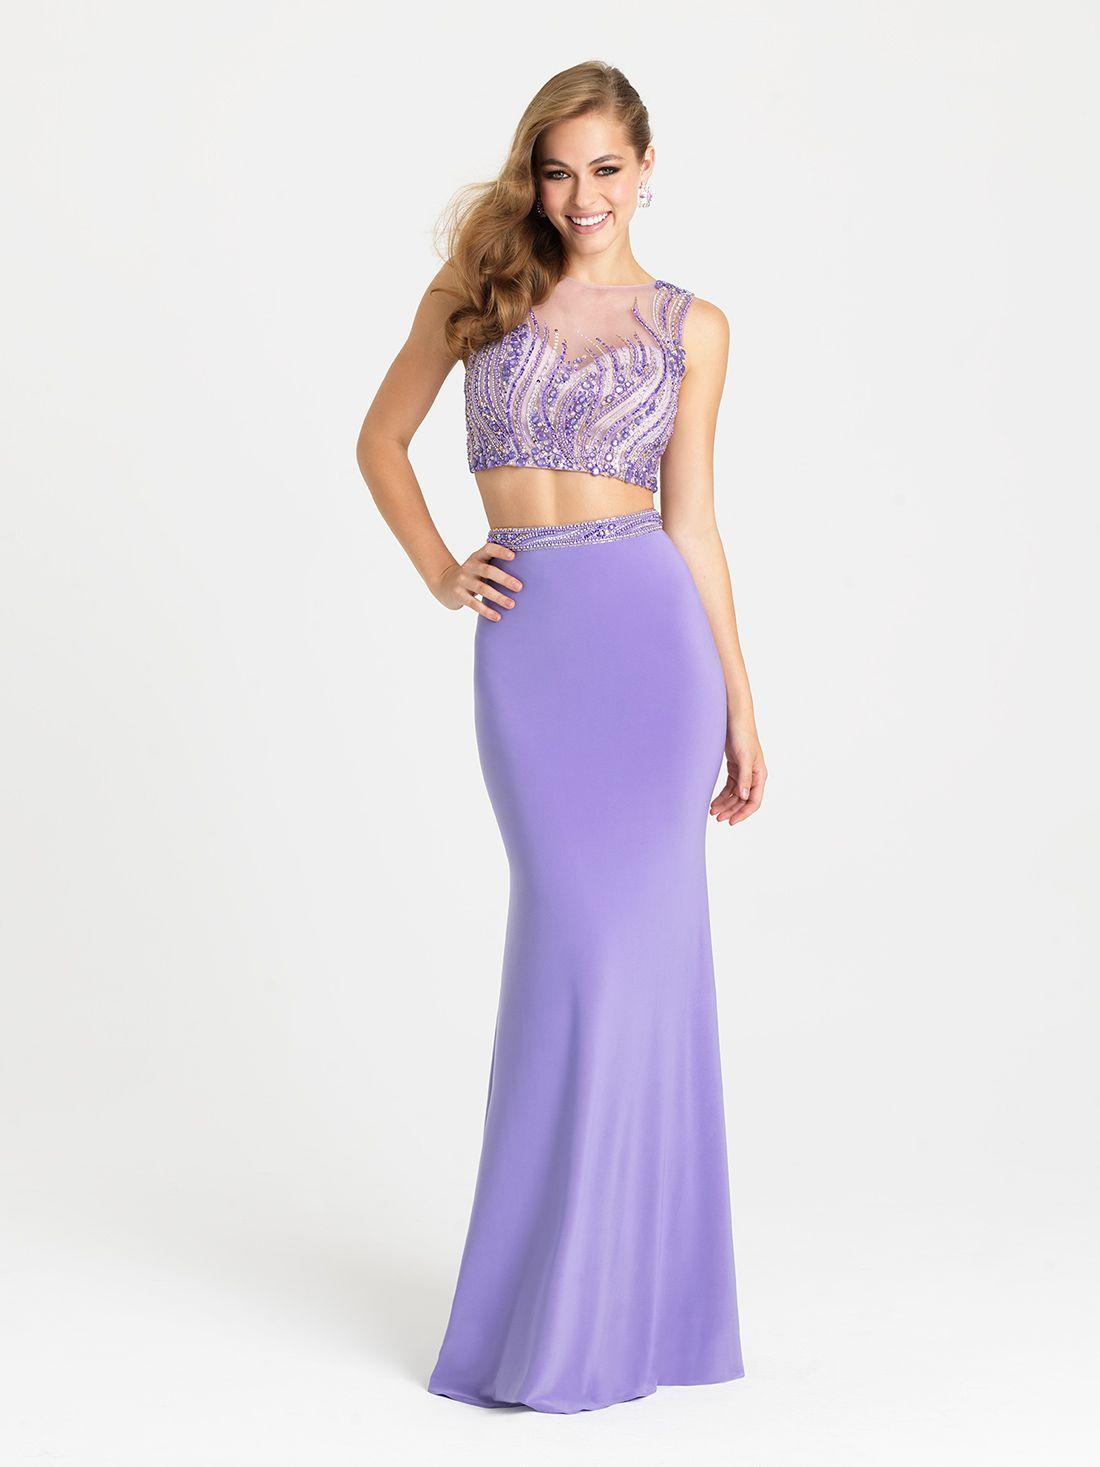 Fantastic Vestidos De Novia 100 Euros Photo - Wedding Dress Ideas ...